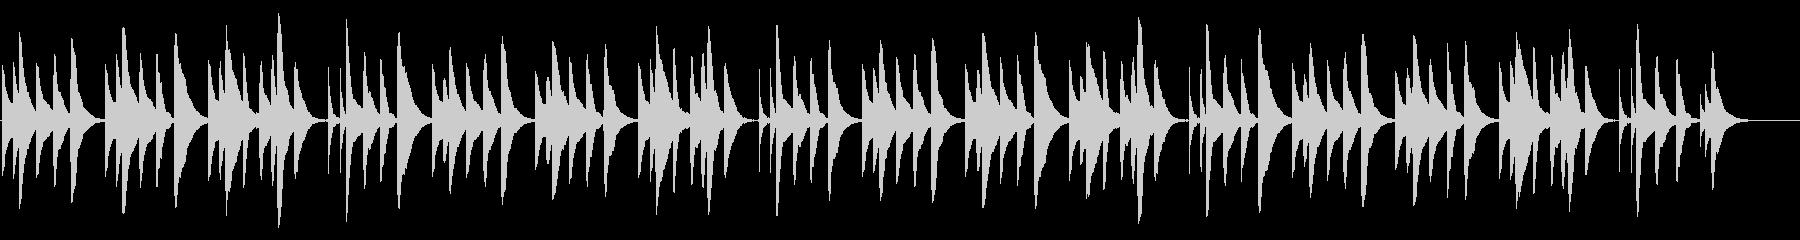 ハッピーバースデー 18弁オルゴールの未再生の波形